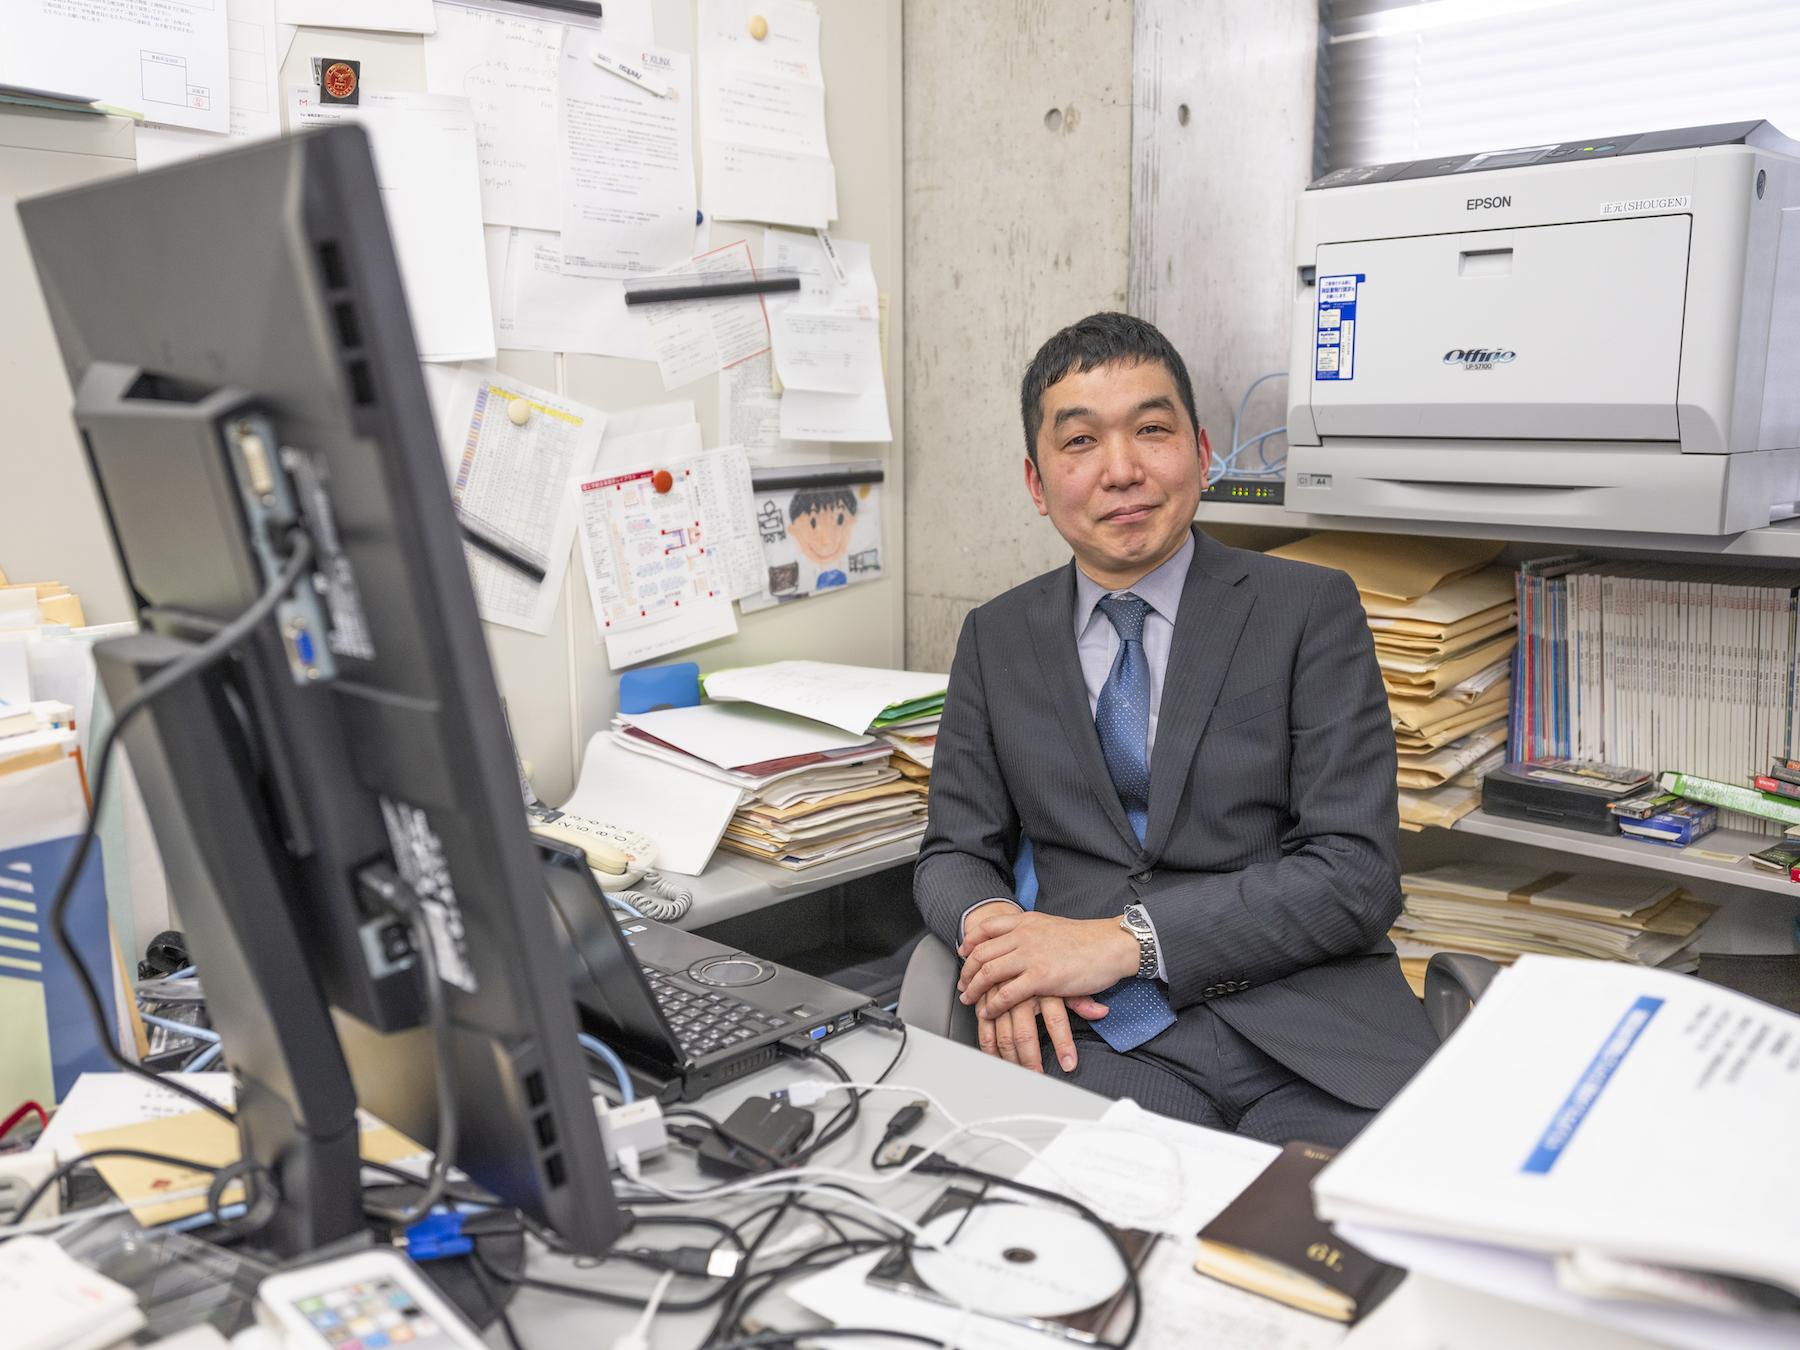 「イジングマシン共通ソフトウェア基盤」を開発する早稲田大学の戸川望教授 博士(工学)